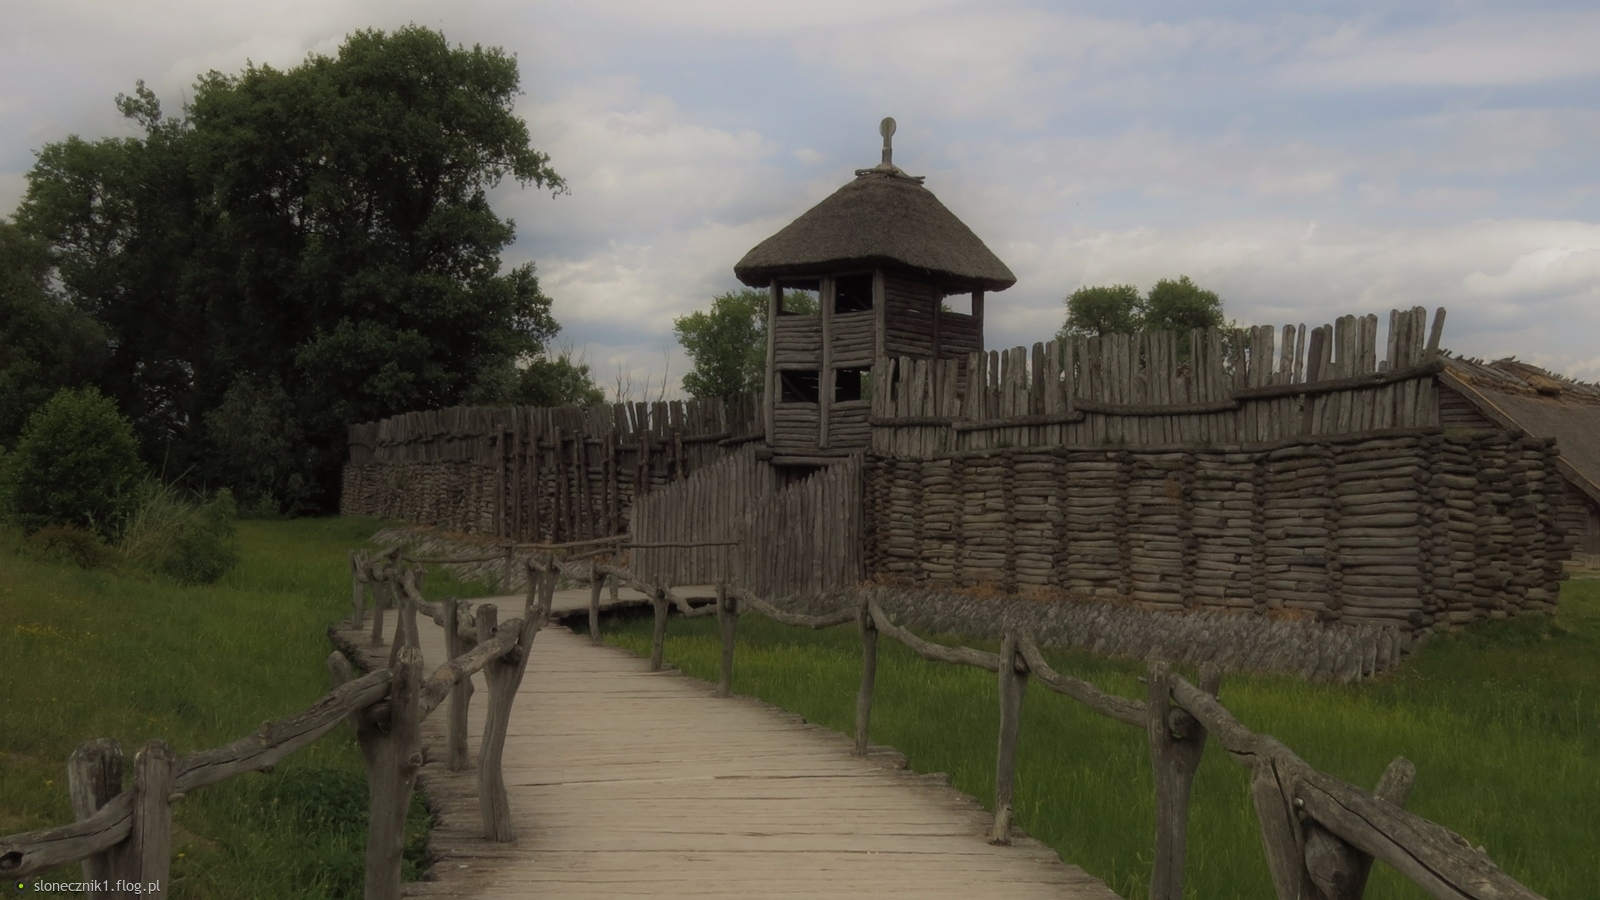 Biskupin - Muzeum Archeologiczne: gród z okresu kultury łużyckiej i wioska wczesnopiastowska